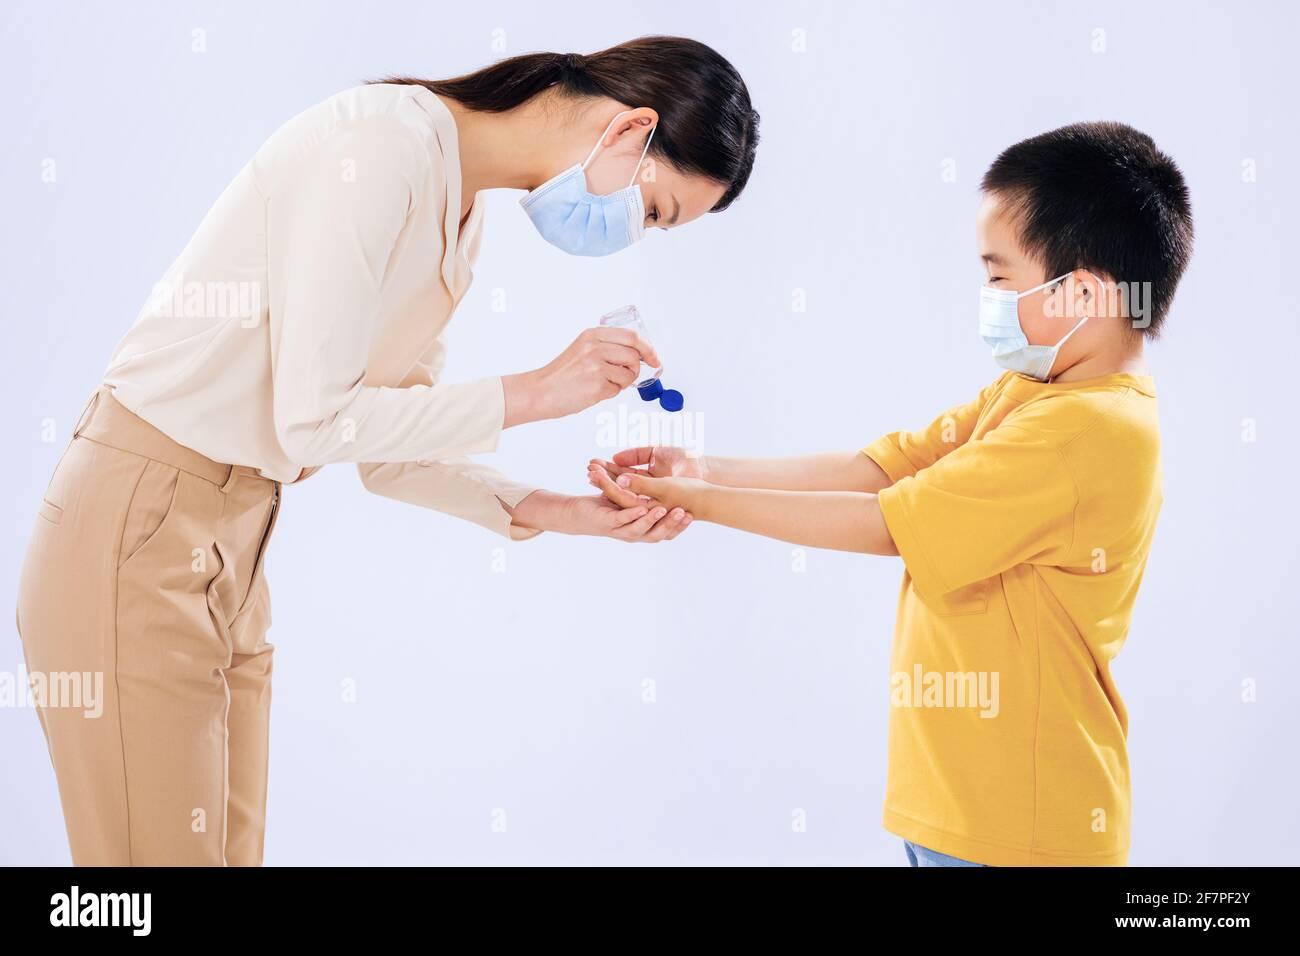 La madre le enseñó al niño a usar desinfectante para manos con su mamá Foto de stock